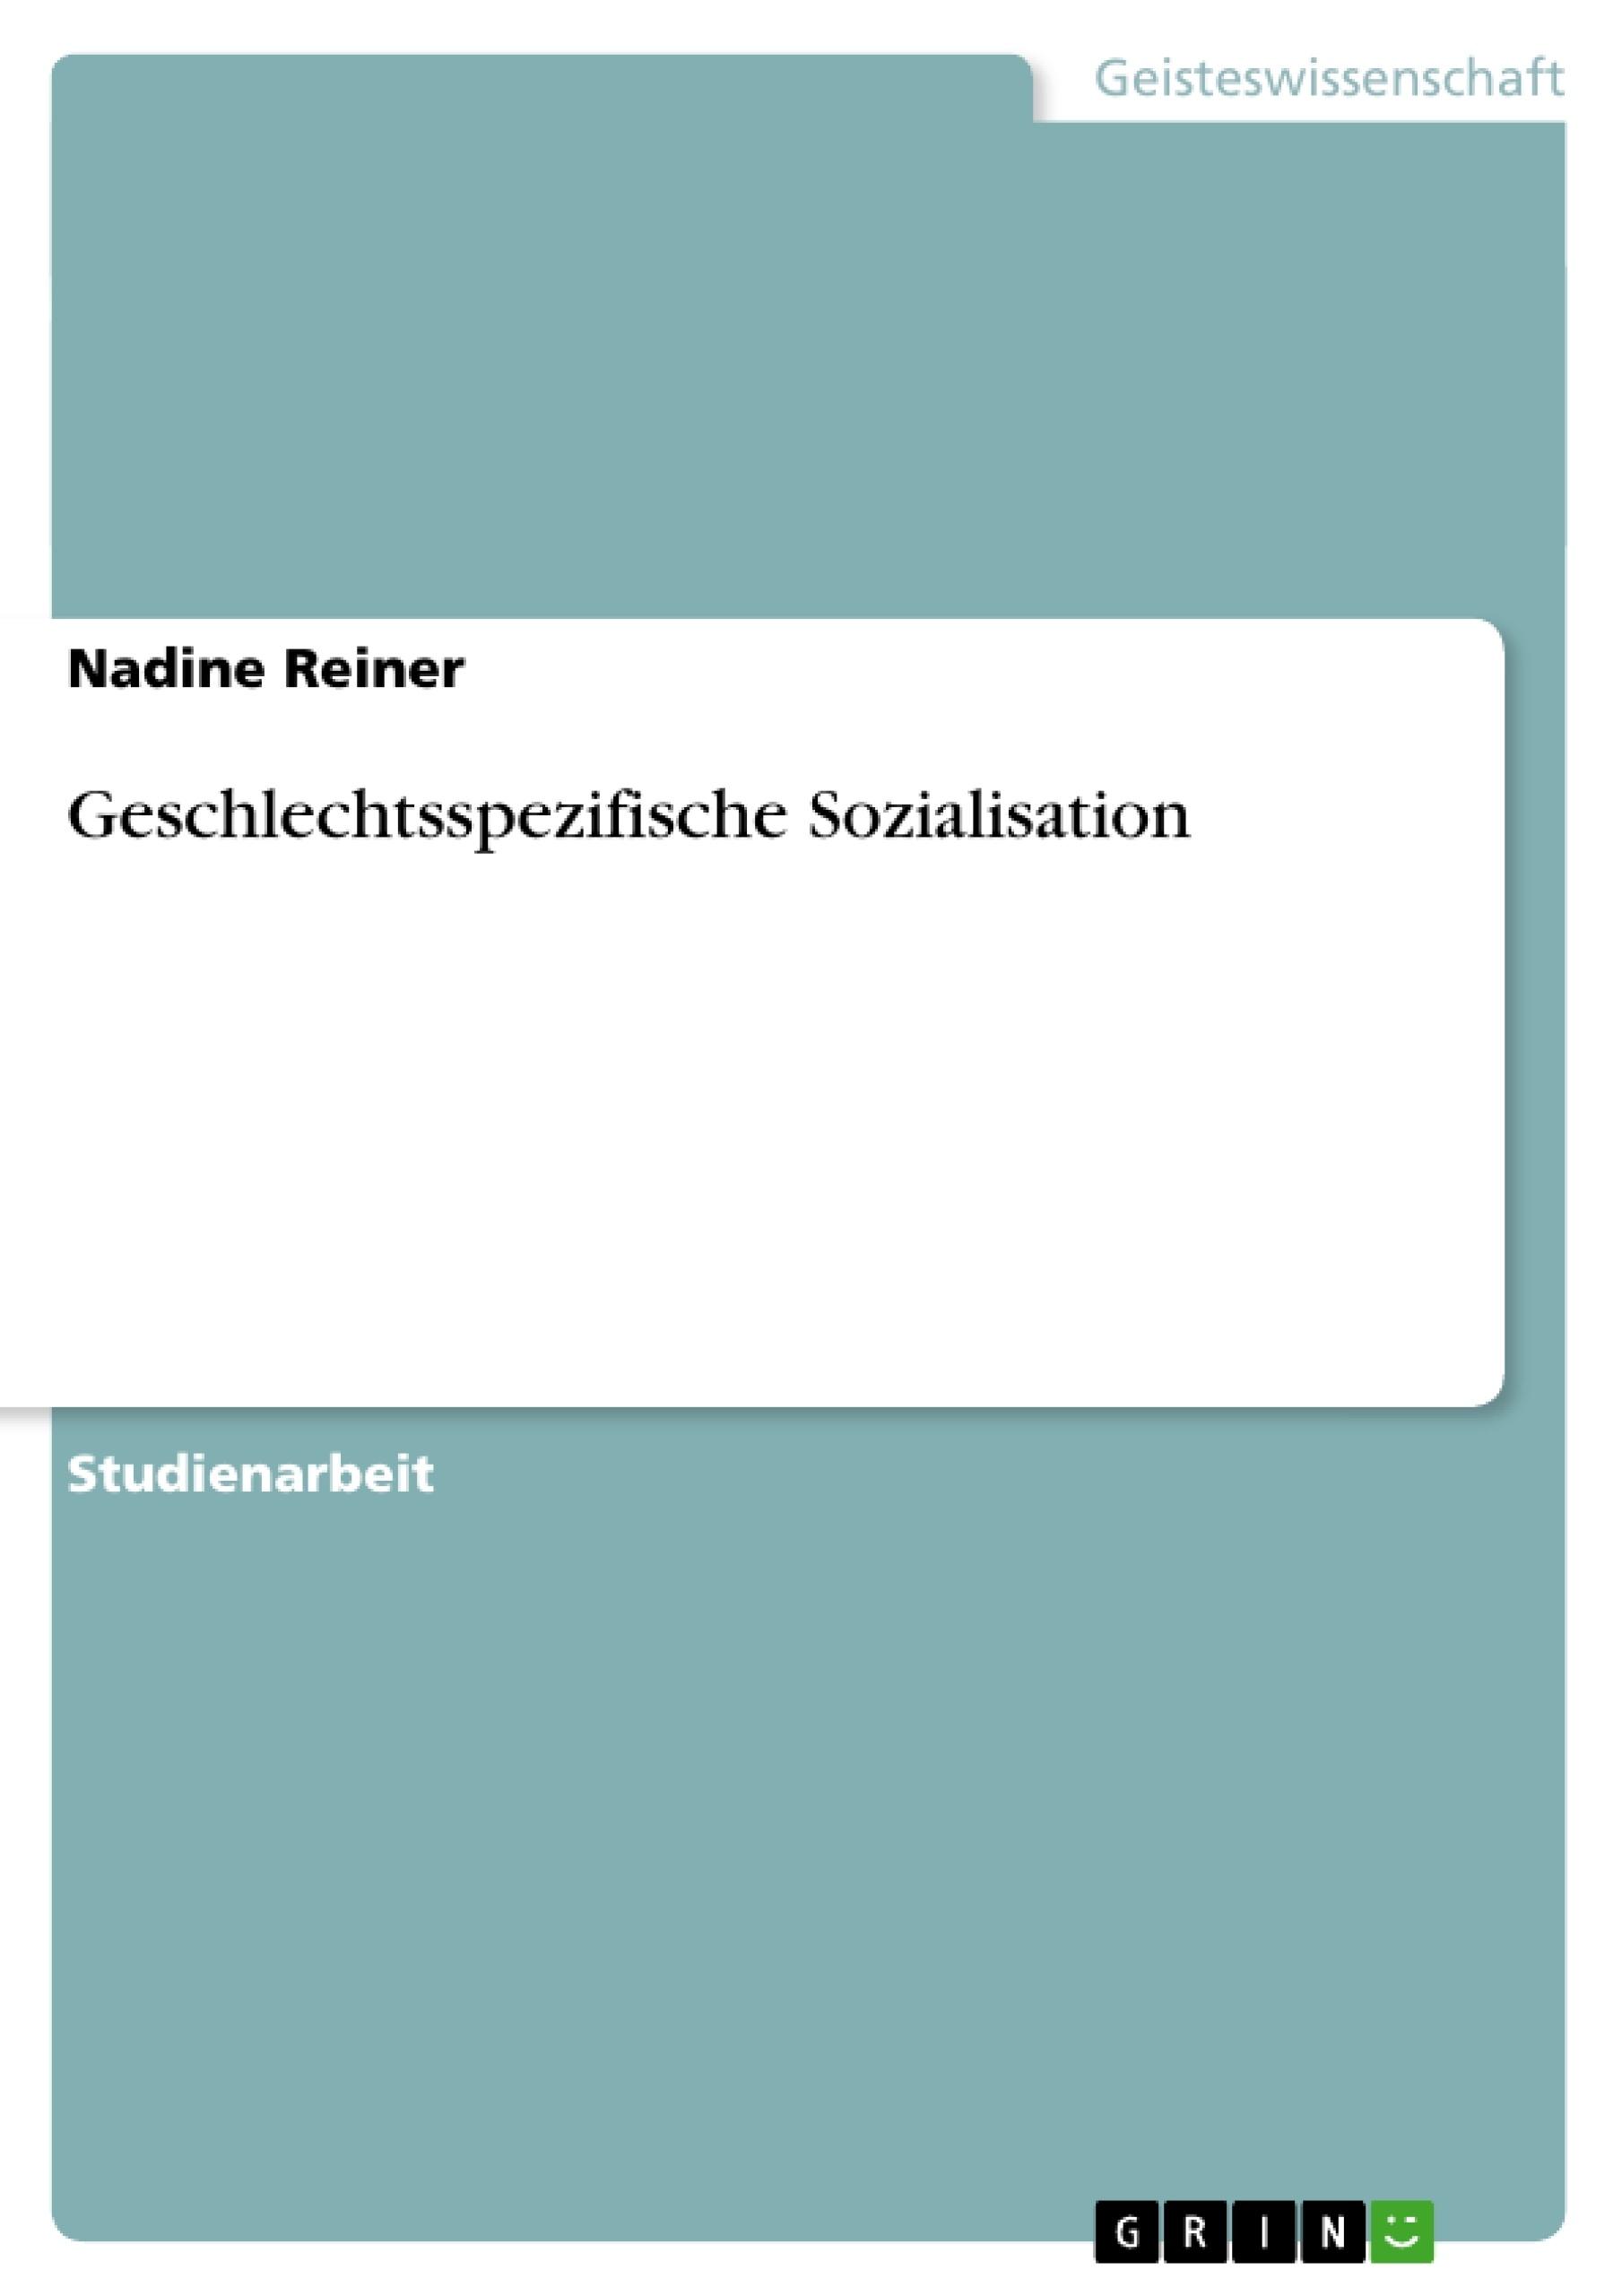 Titel: Geschlechtsspezifische Sozialisation